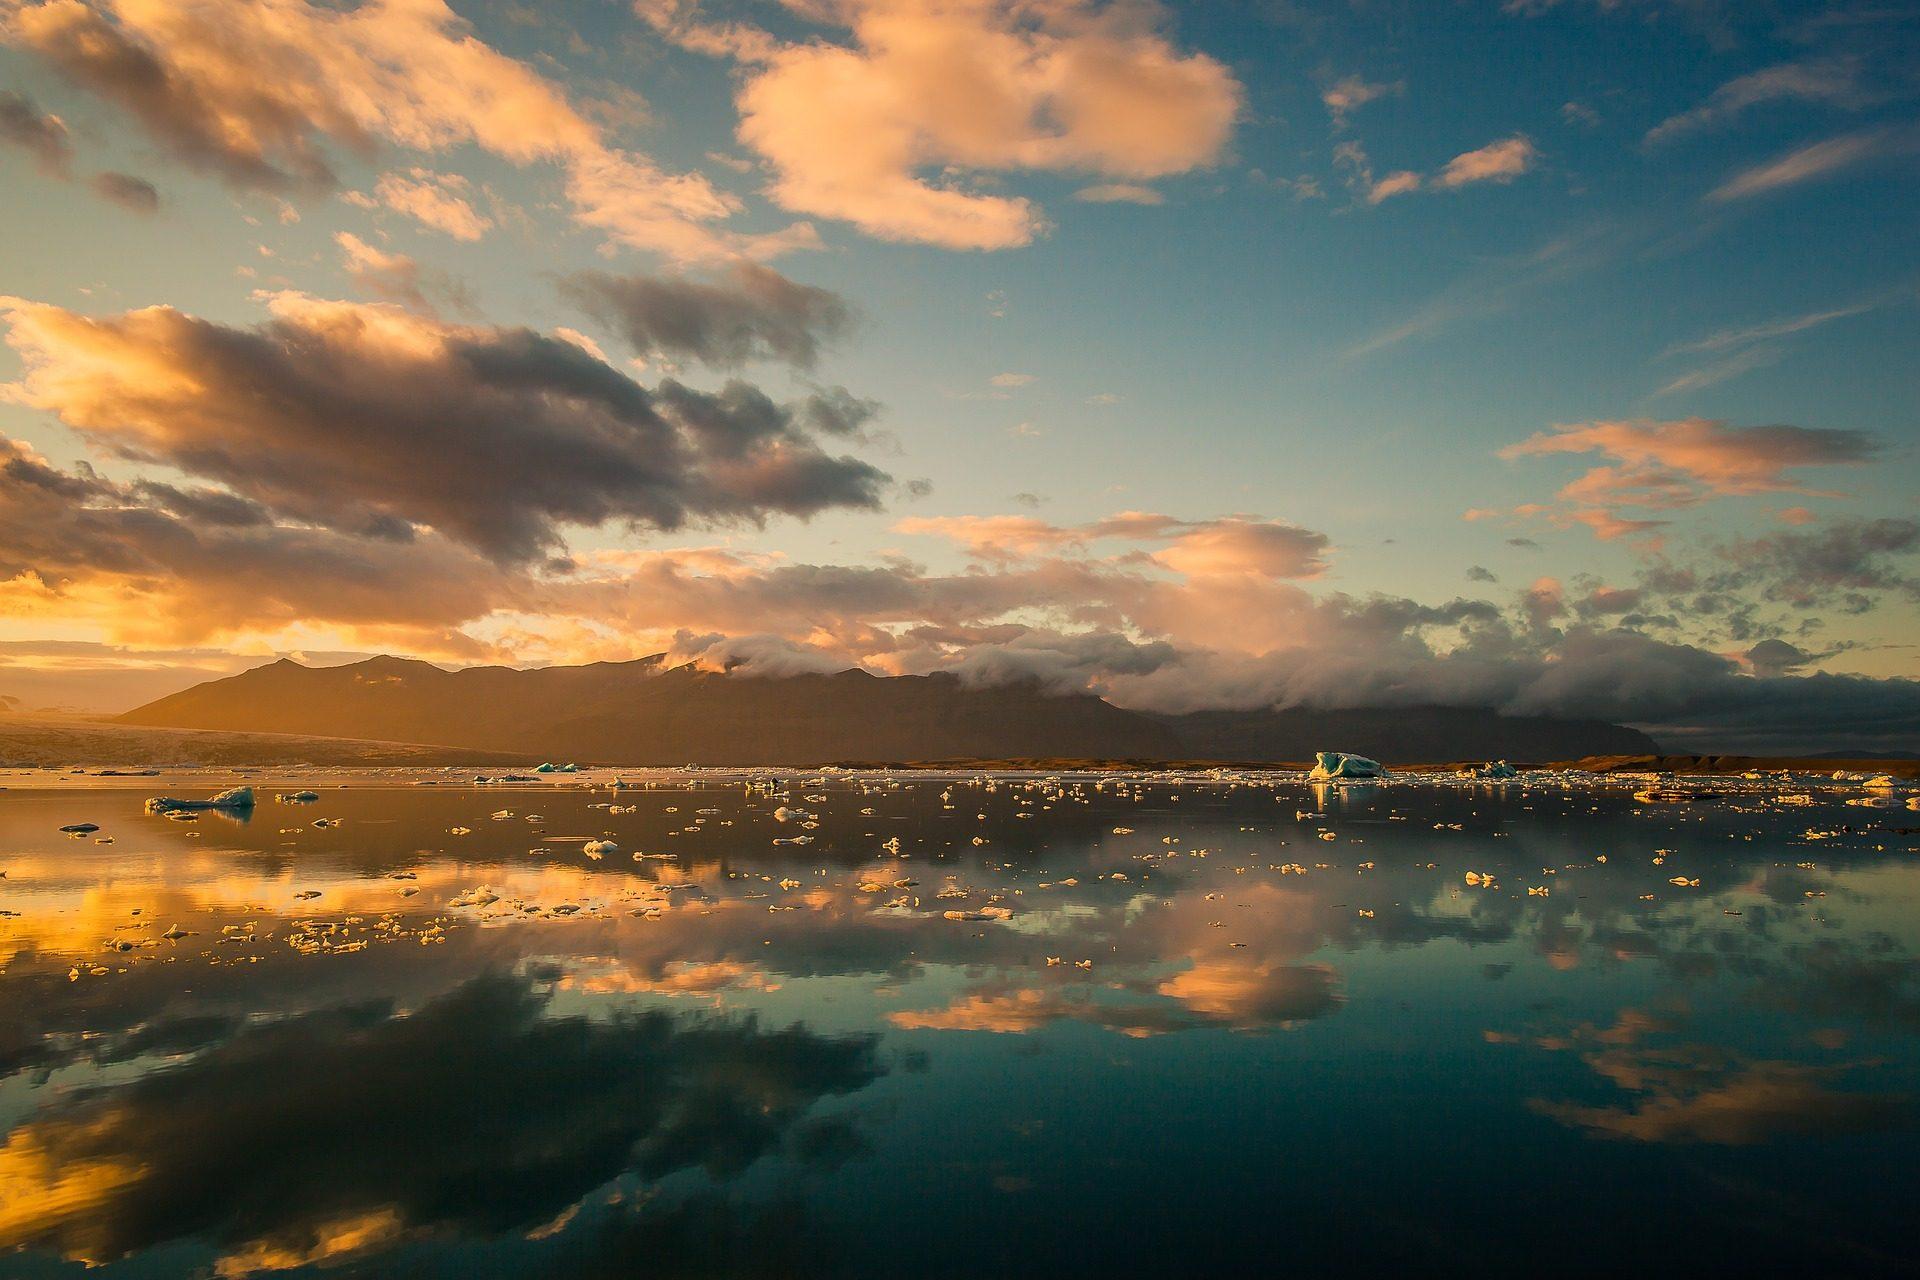 بحيرة, البحر, الجبال, السحب., تأملات, الجليد - خلفيات عالية الدقة - أستاذ falken.com